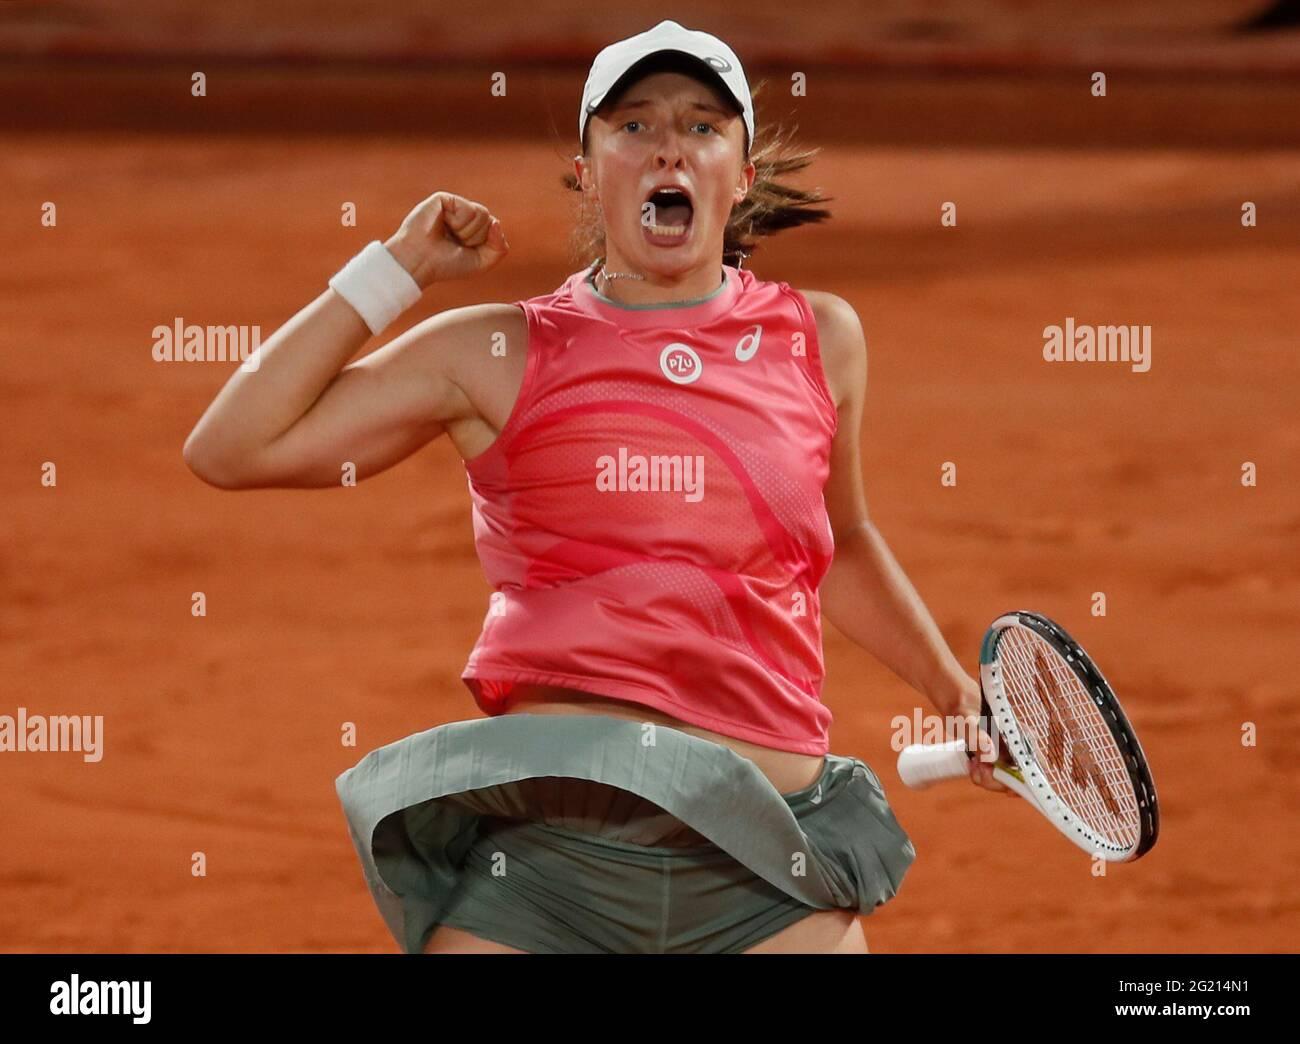 Tennis - French Open - Roland Garros, Paris, Frankreich - 7. Juni 2021 die polnische IGA Swiatek feiert ihren vierten Sieg gegen die ukrainische Marta Kostyuk REUTERS/Gonzalo Fuentes Stockfoto